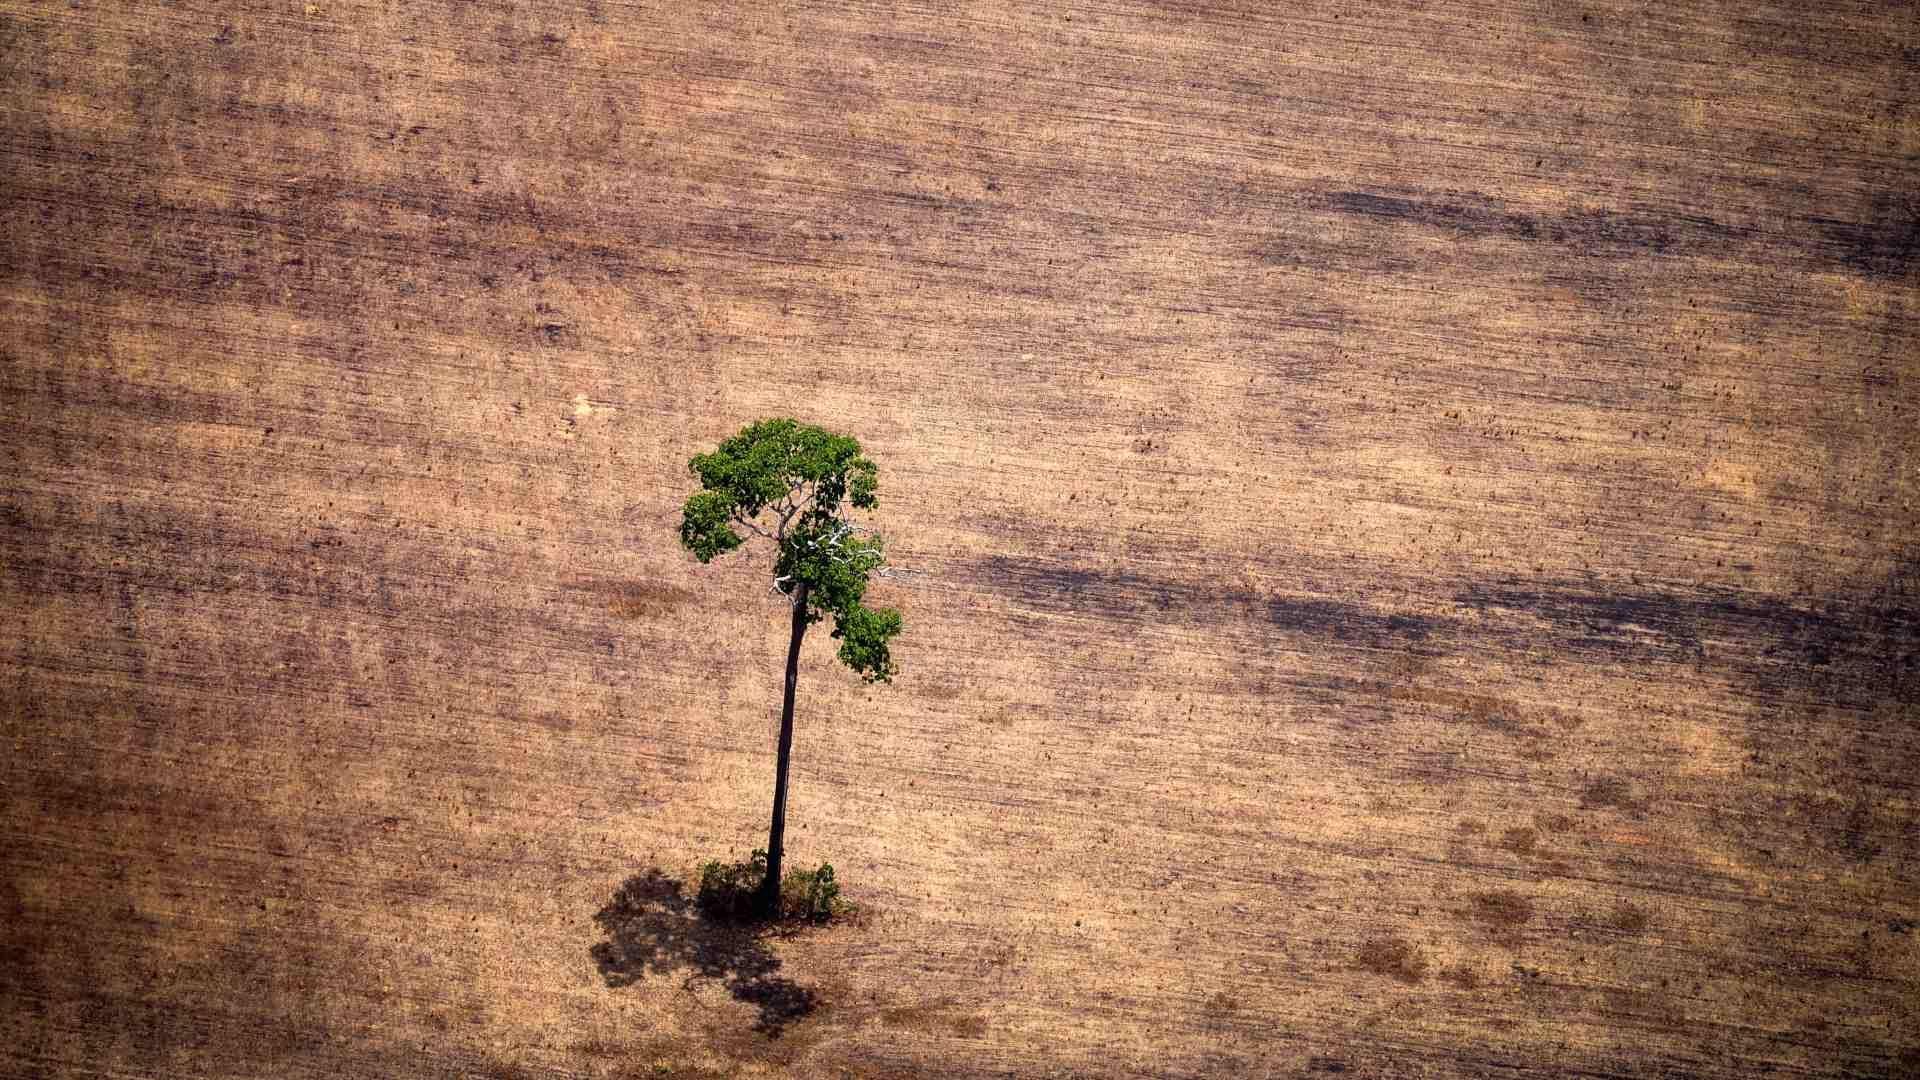 La Amazonía enfrenta a su peor enemigo en décadas: Jair Bolsonaro